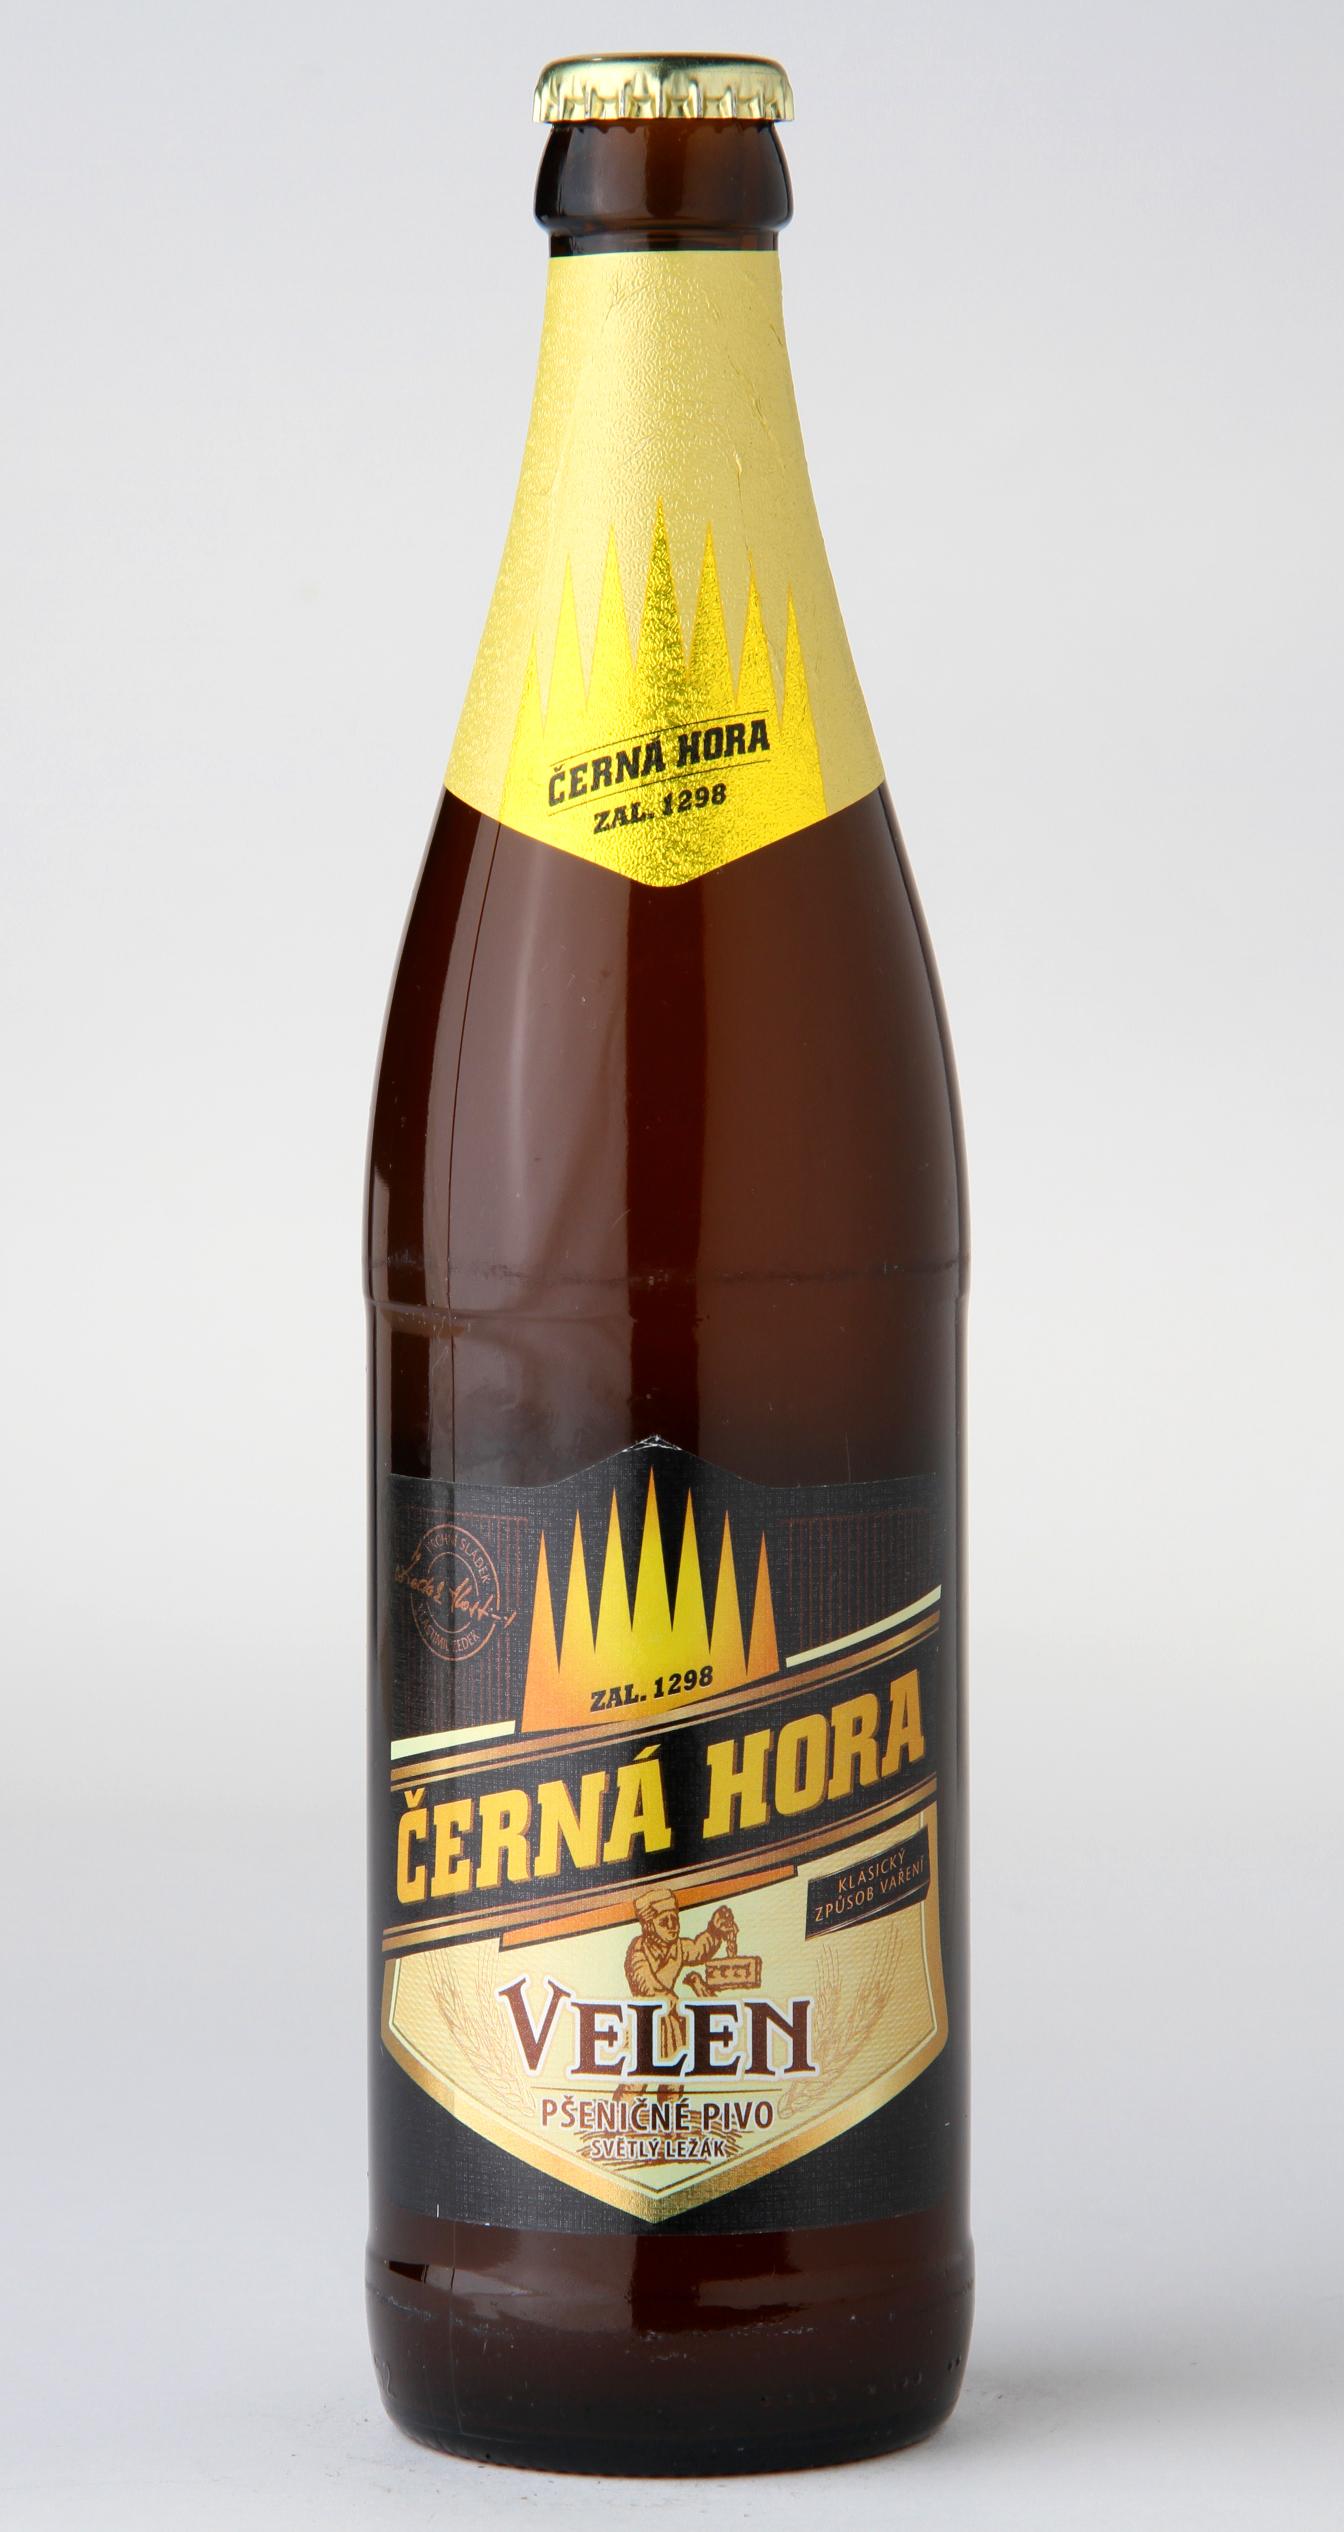 Černá Hora Velen Pšeničné pivo